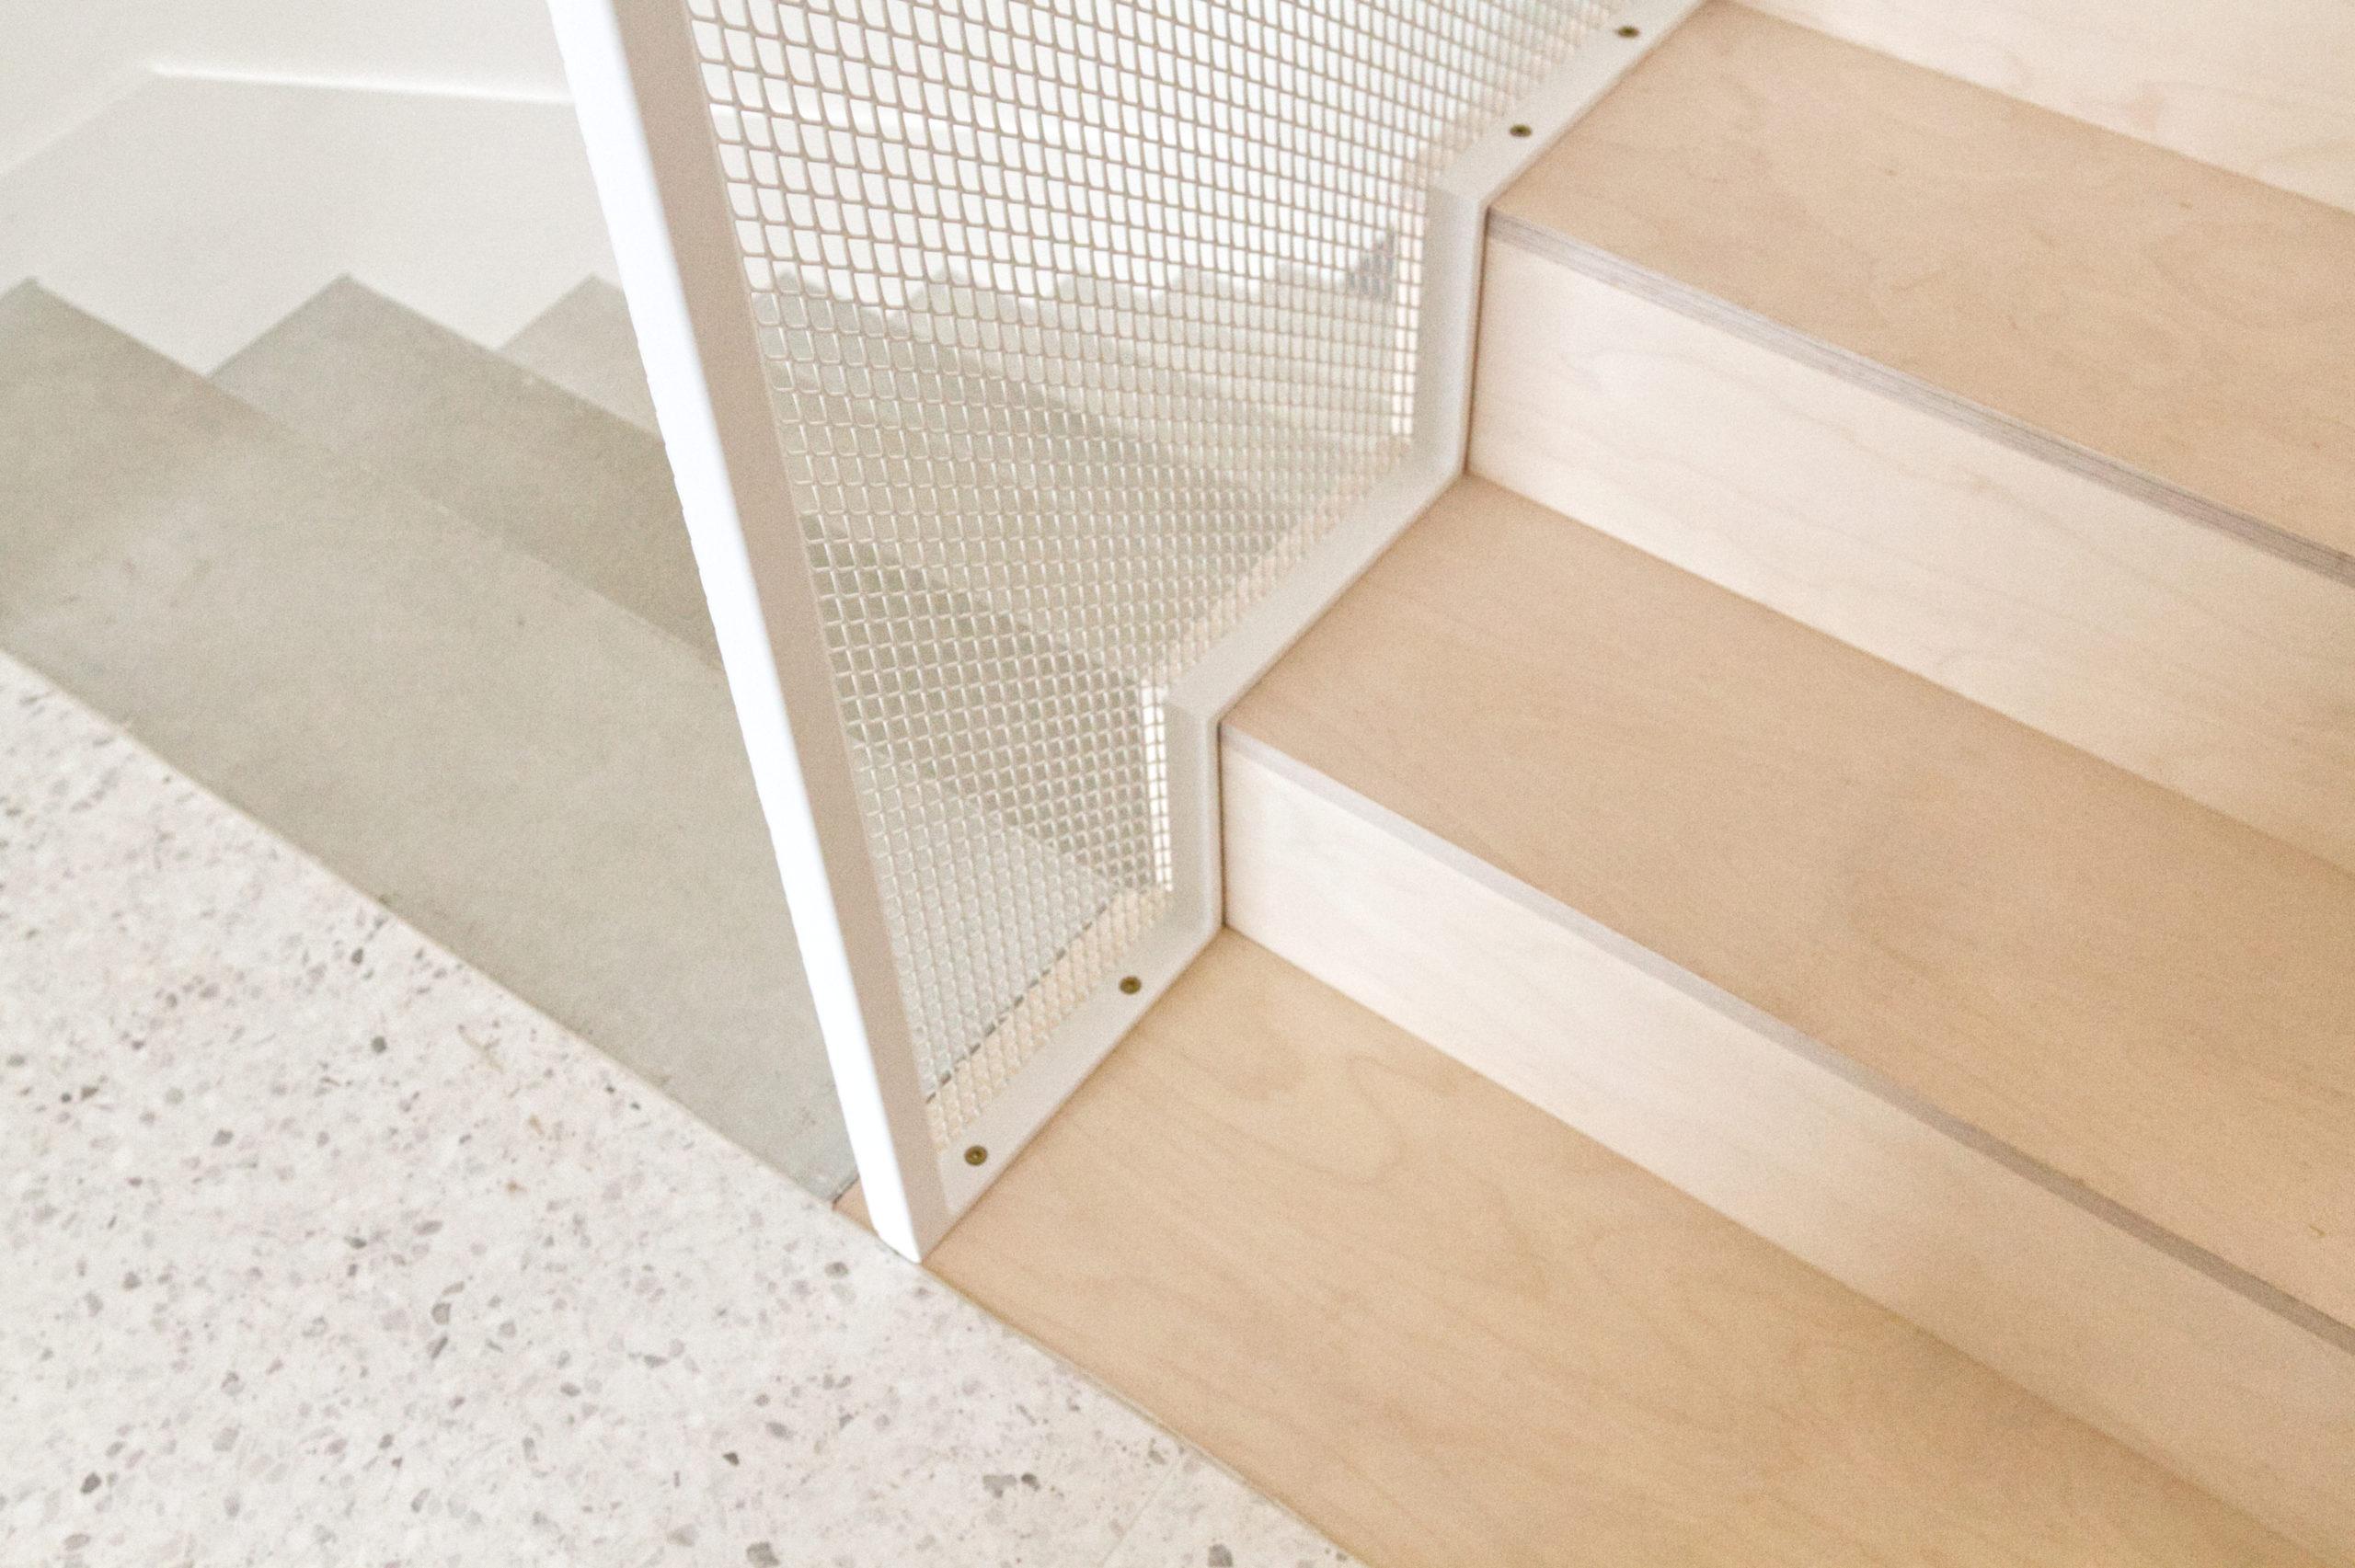 Détail escalier maison PP- terrazzo bois métal- architectes toulouse- saarchitectes